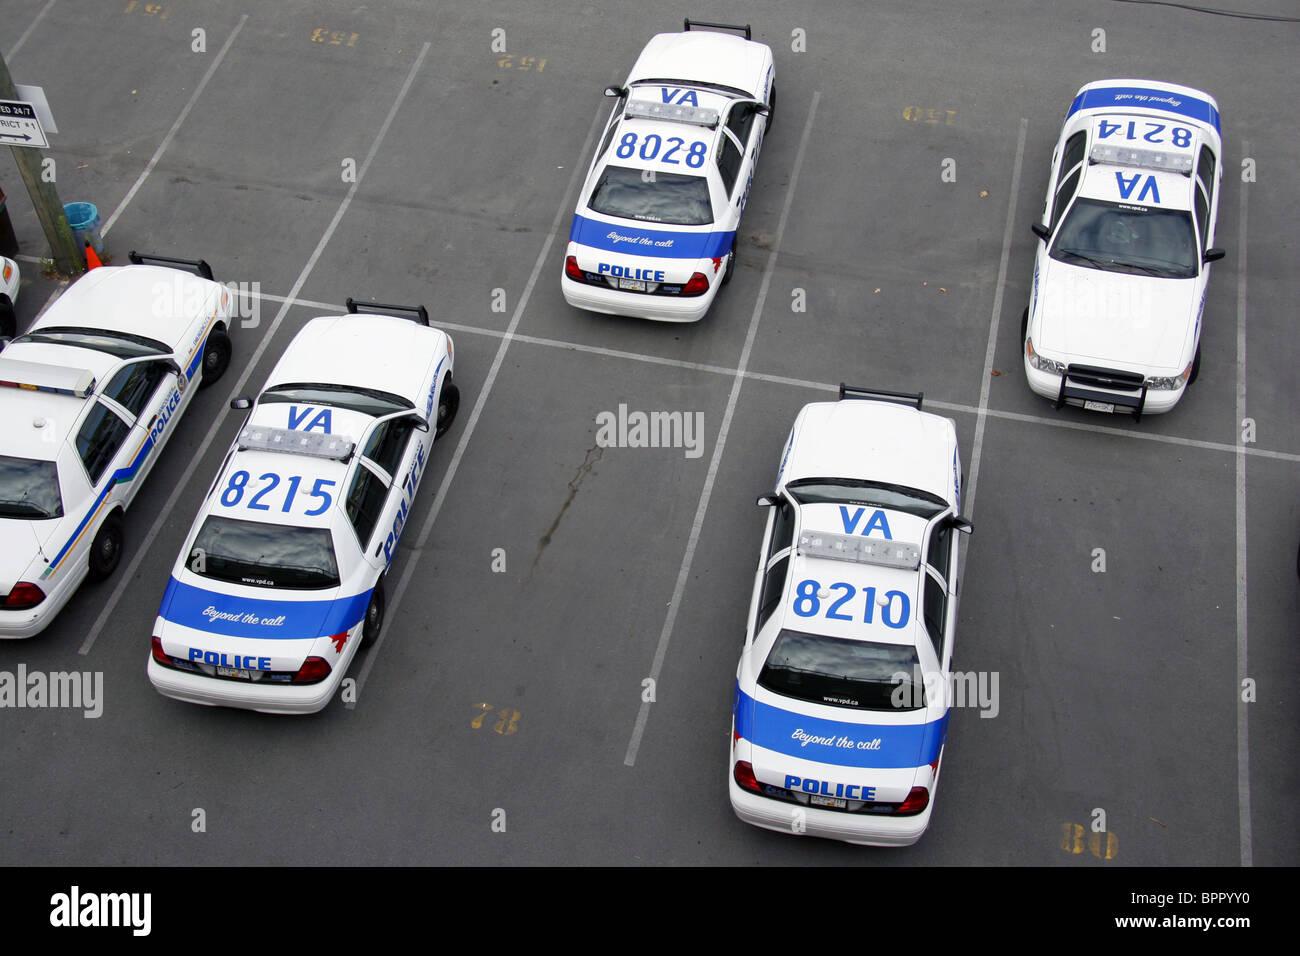 Les véhicules du service de police de Vancouver, Vancouver, Colombie-Britannique, Canada Photo Stock